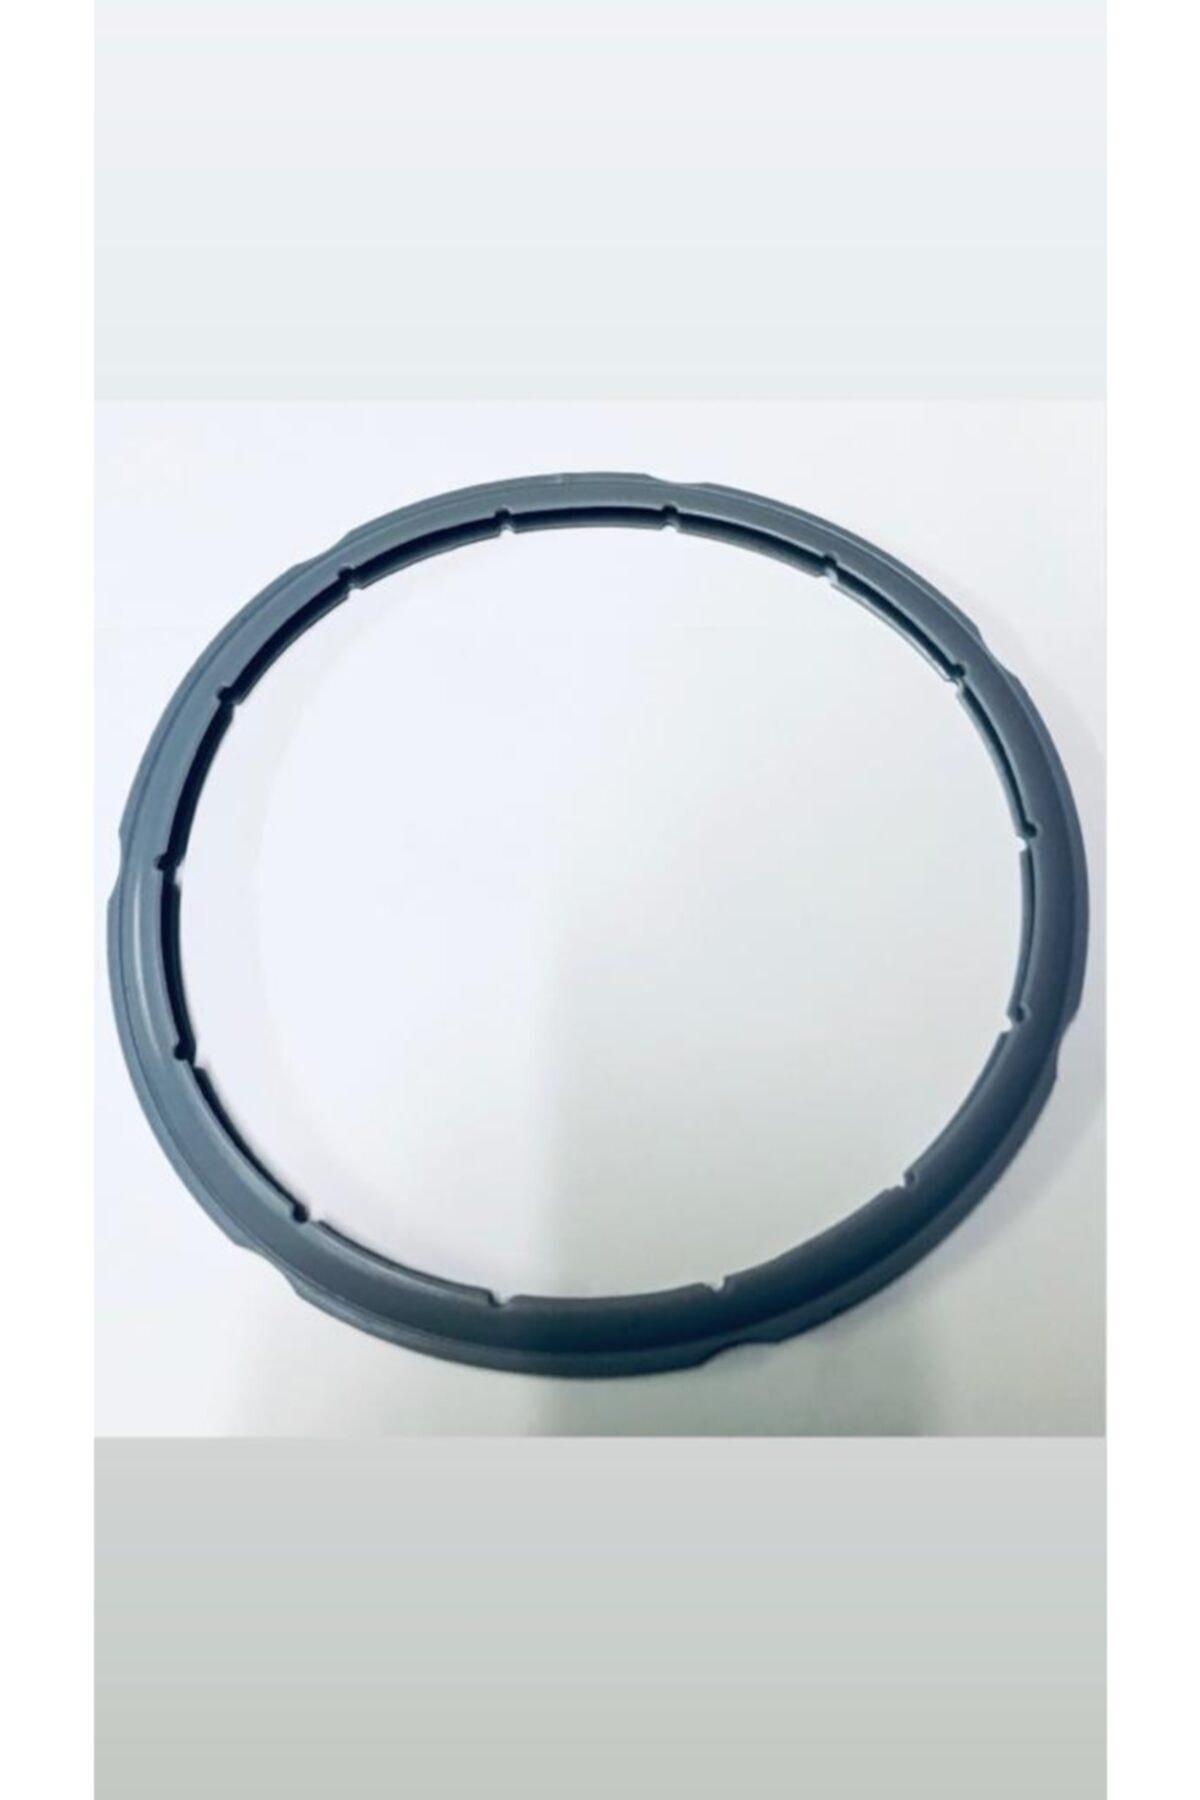 Hascevher Düdüklü Tencere Lastiği Silikon ( Iç Çapı=25cm Dış Çapı=29cm ) 1